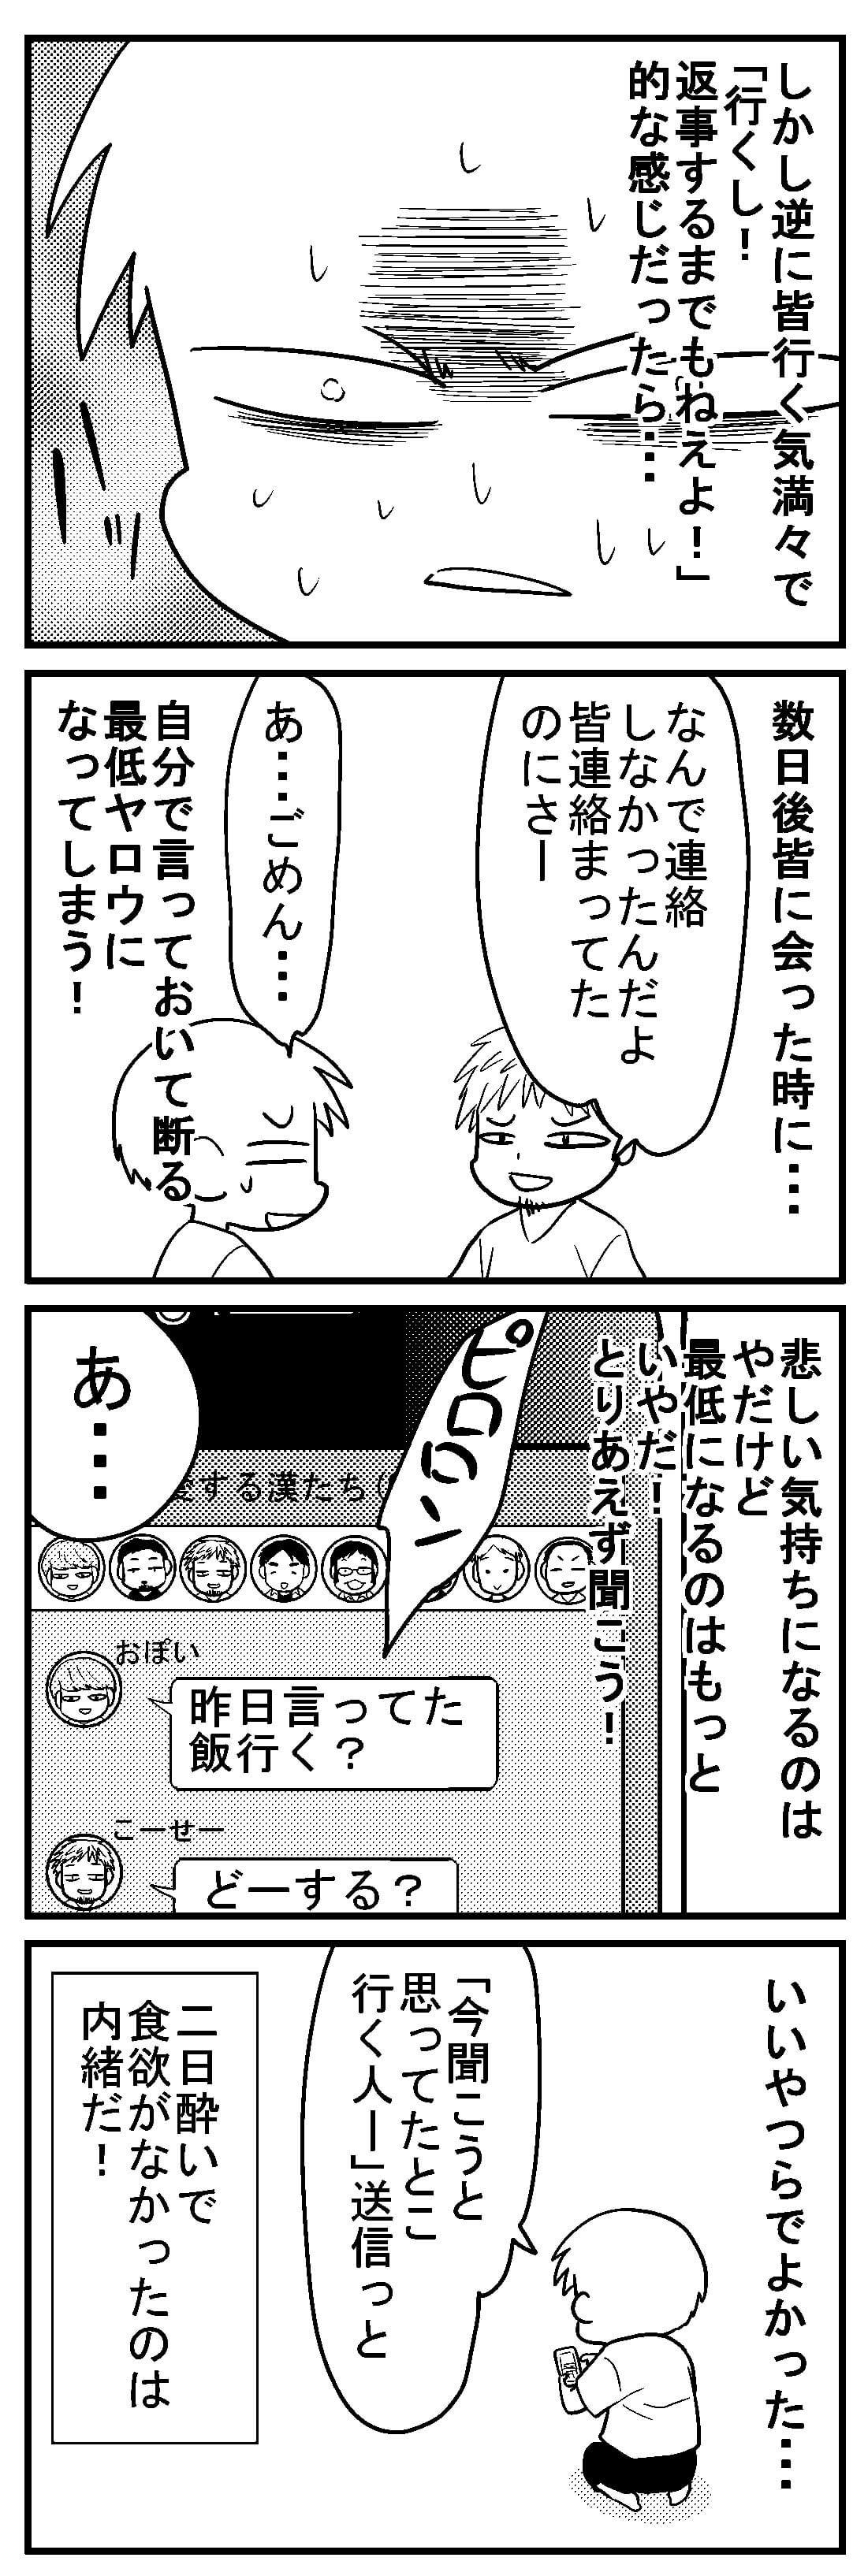 深読みくん22 1-4